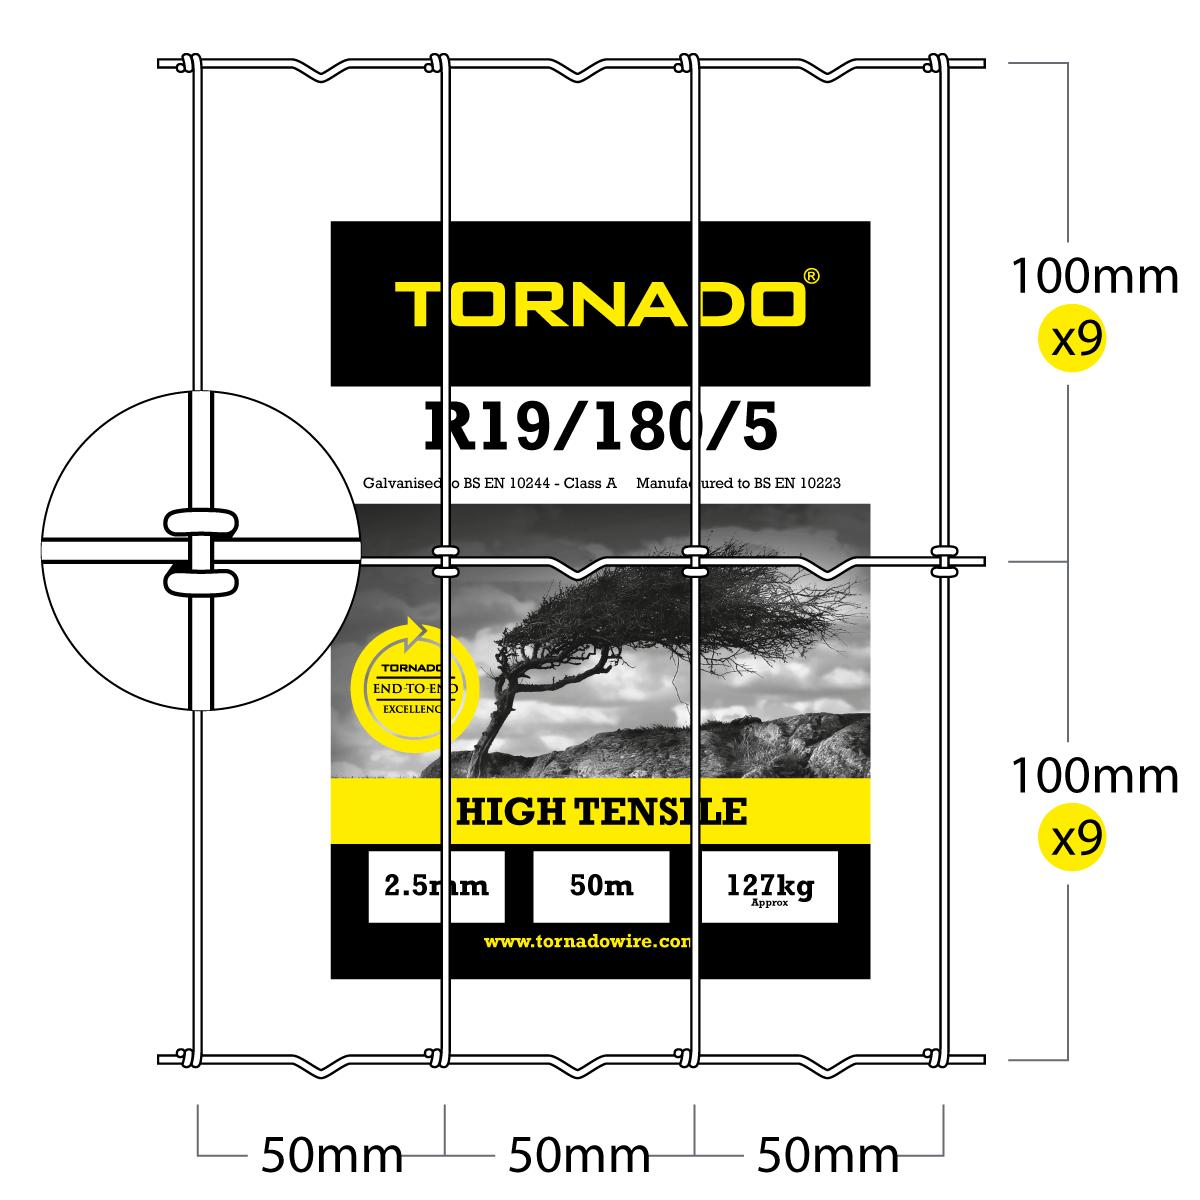 r19805 image